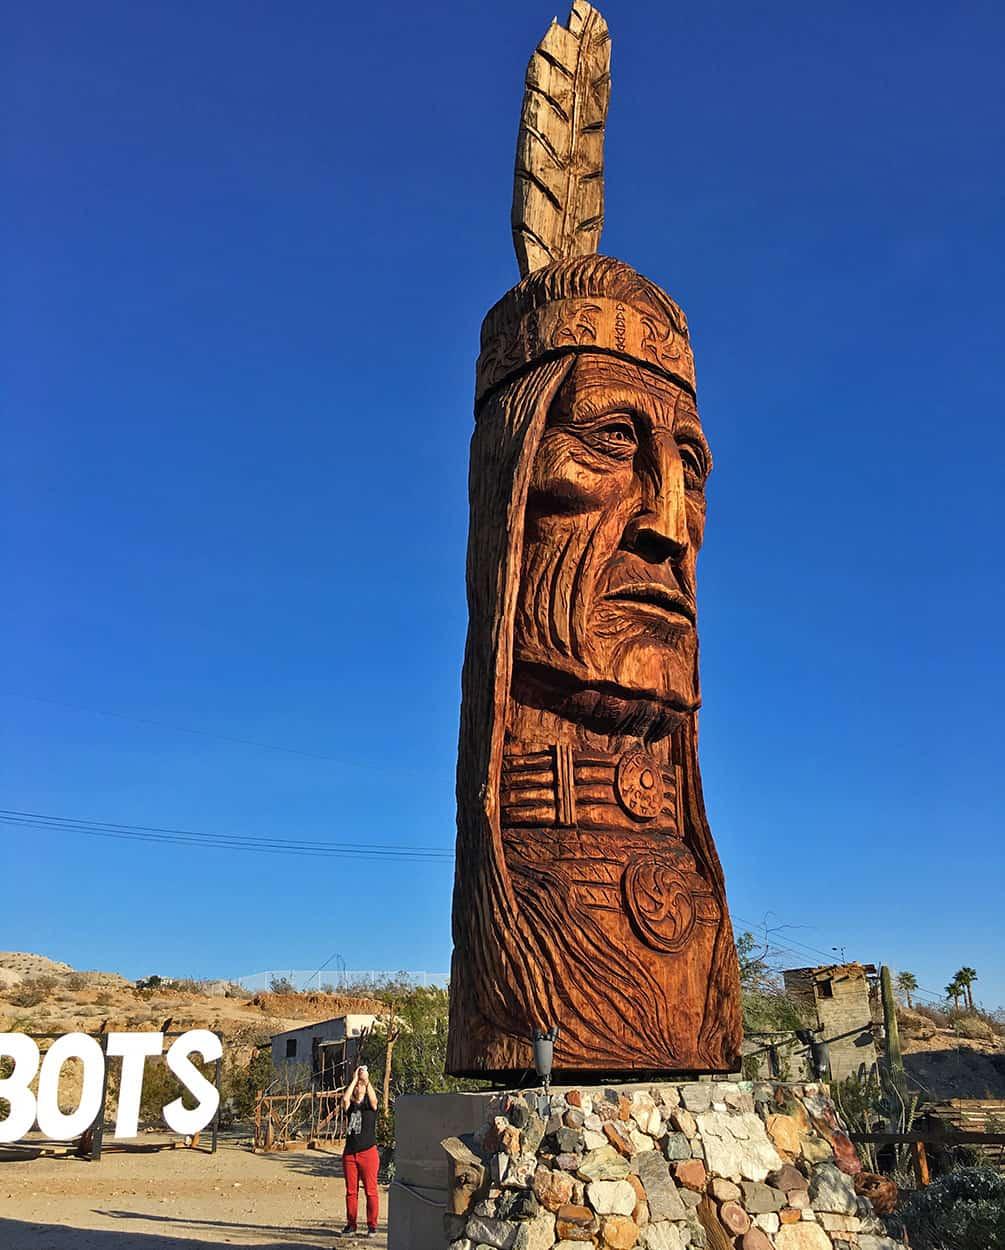 Waokiye sculpture at Cabot's Pueblo Museum